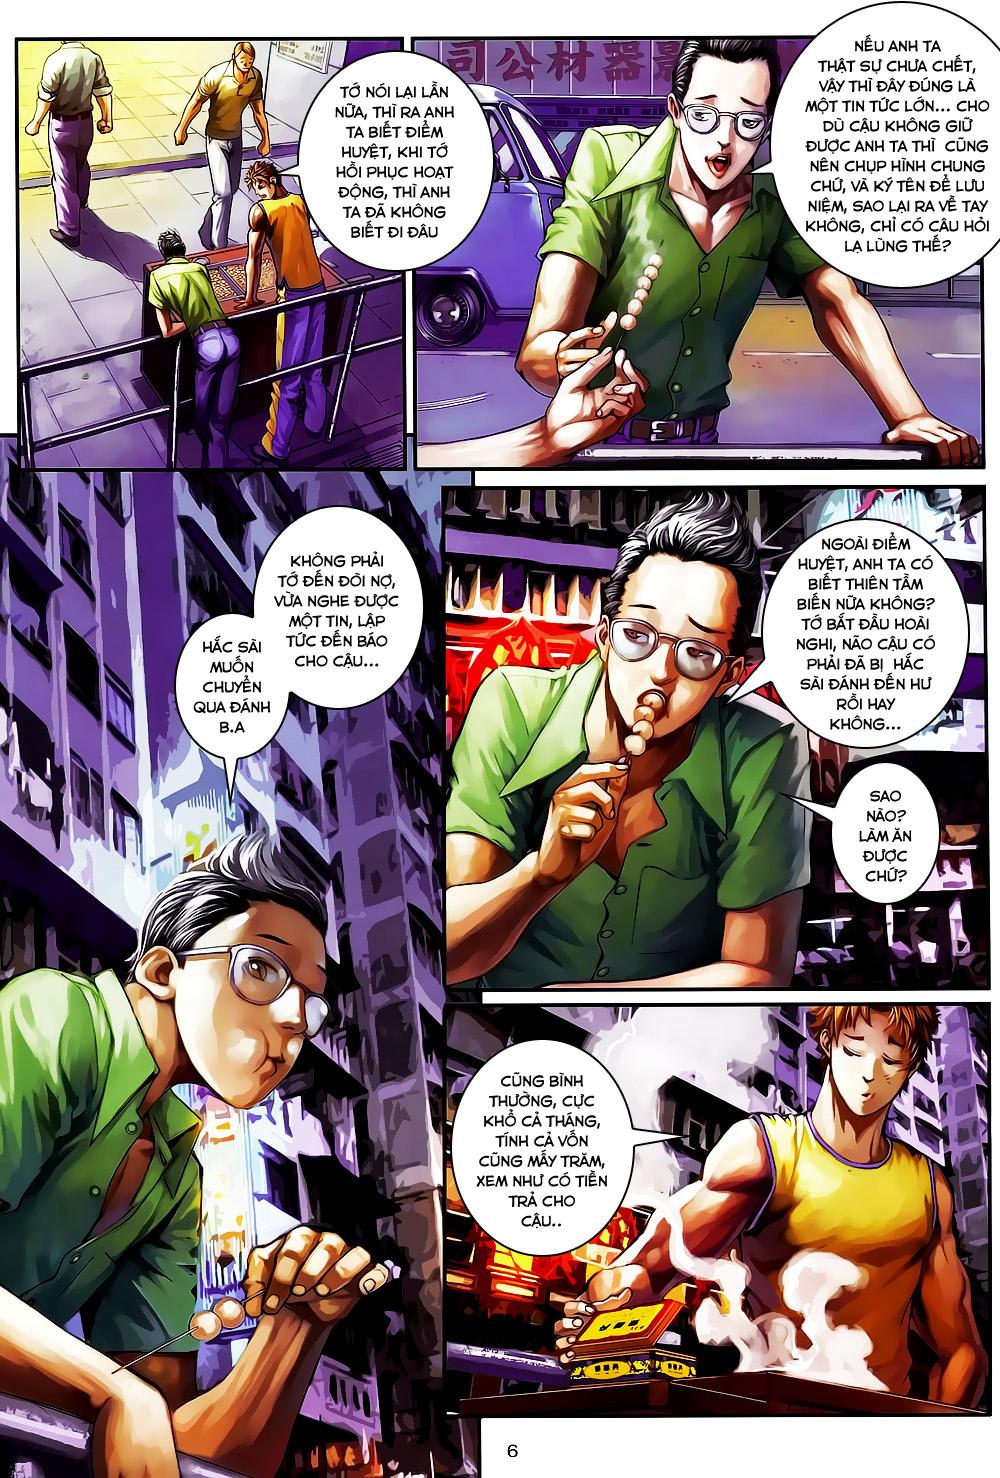 Quyền Đạo chapter 2 trang 6